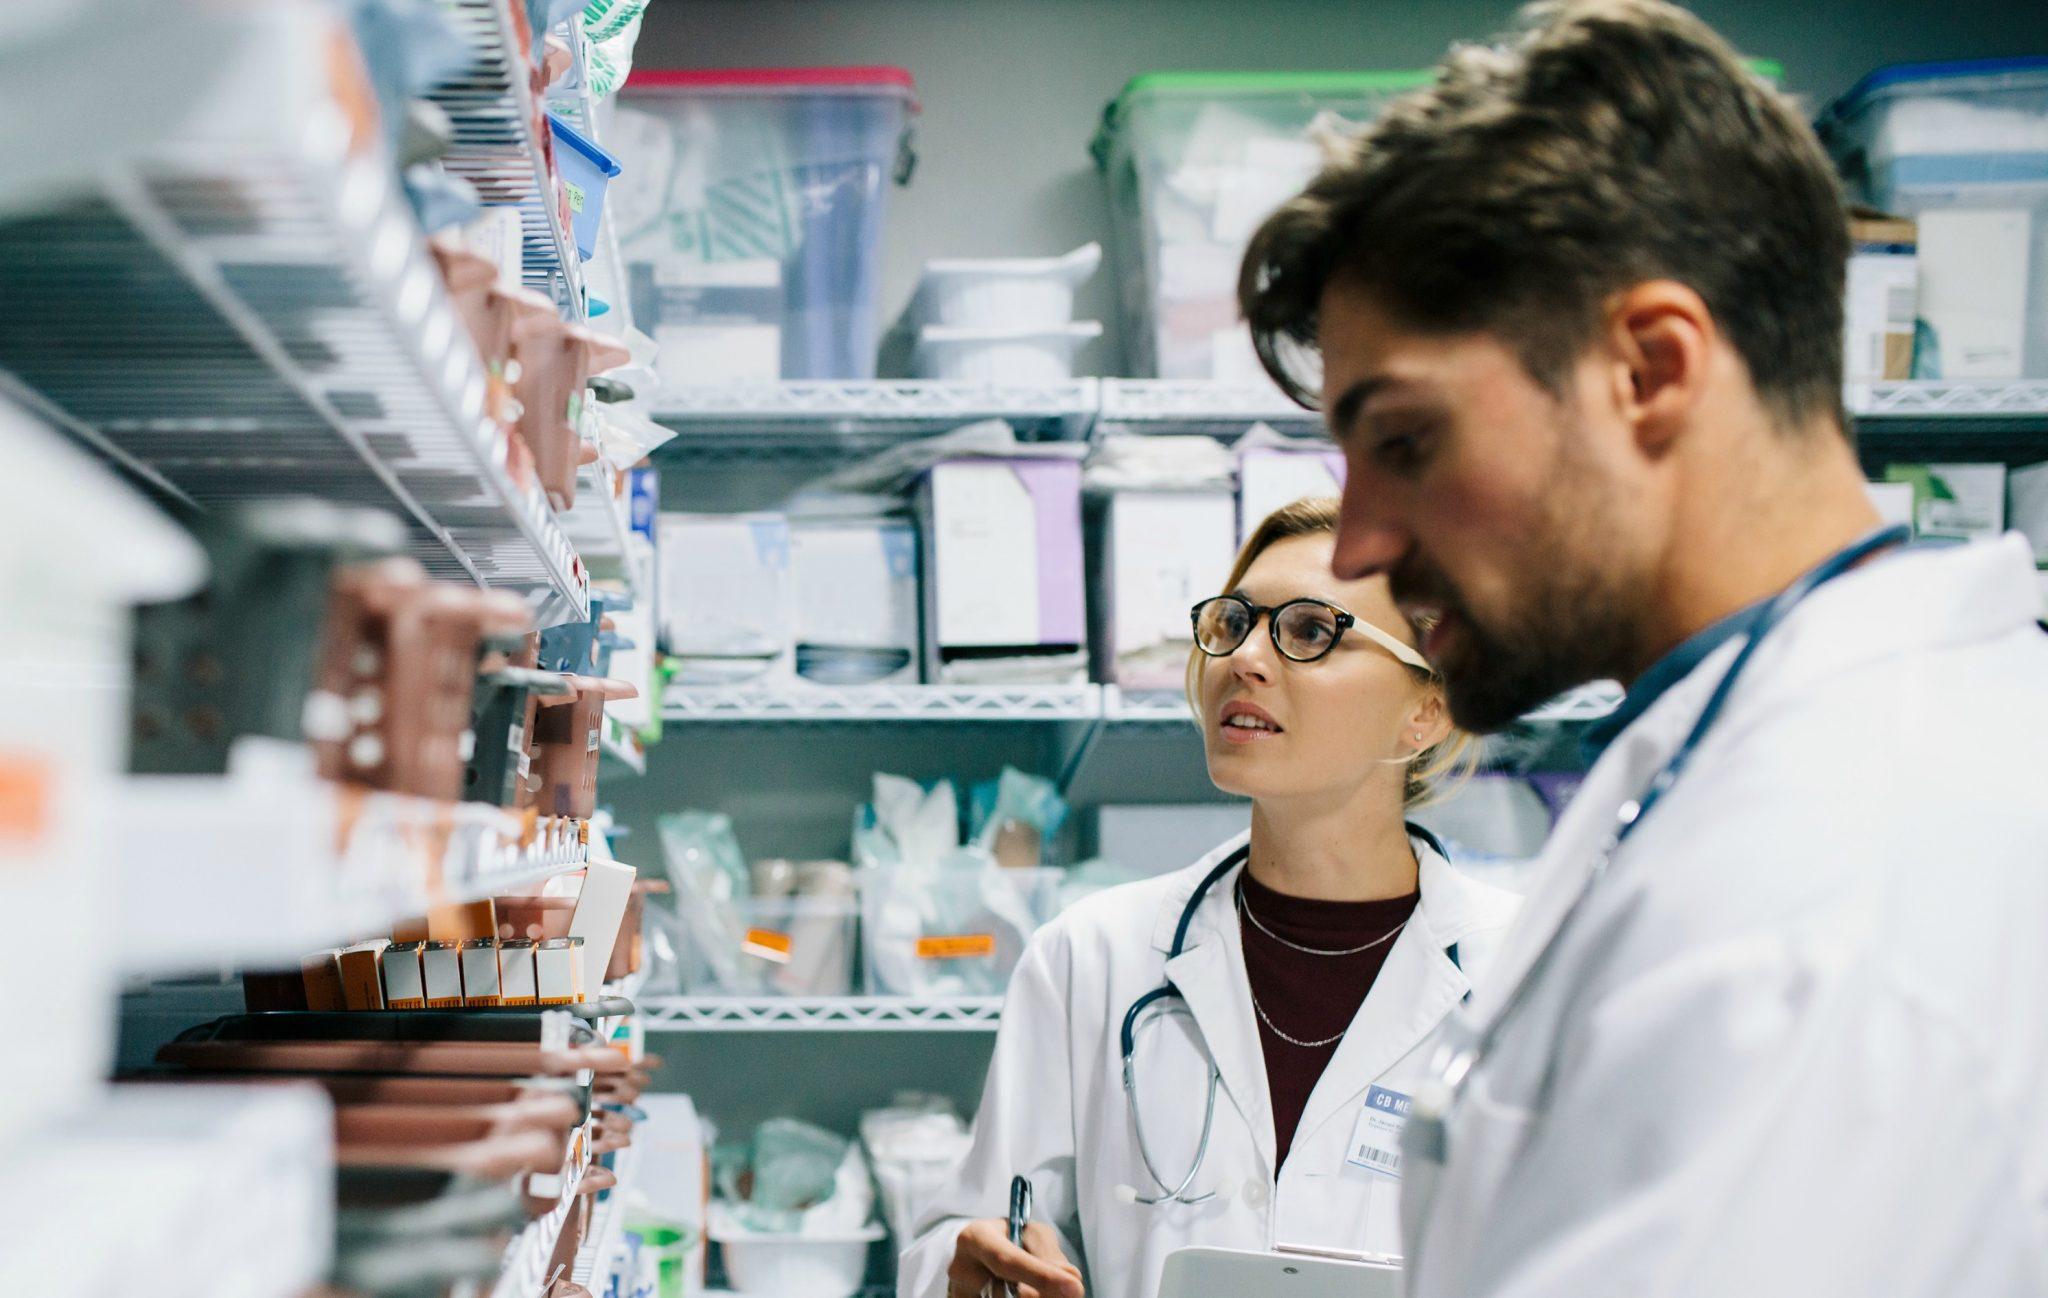 Entenda o que se aprende em um curso técnico em farmácia